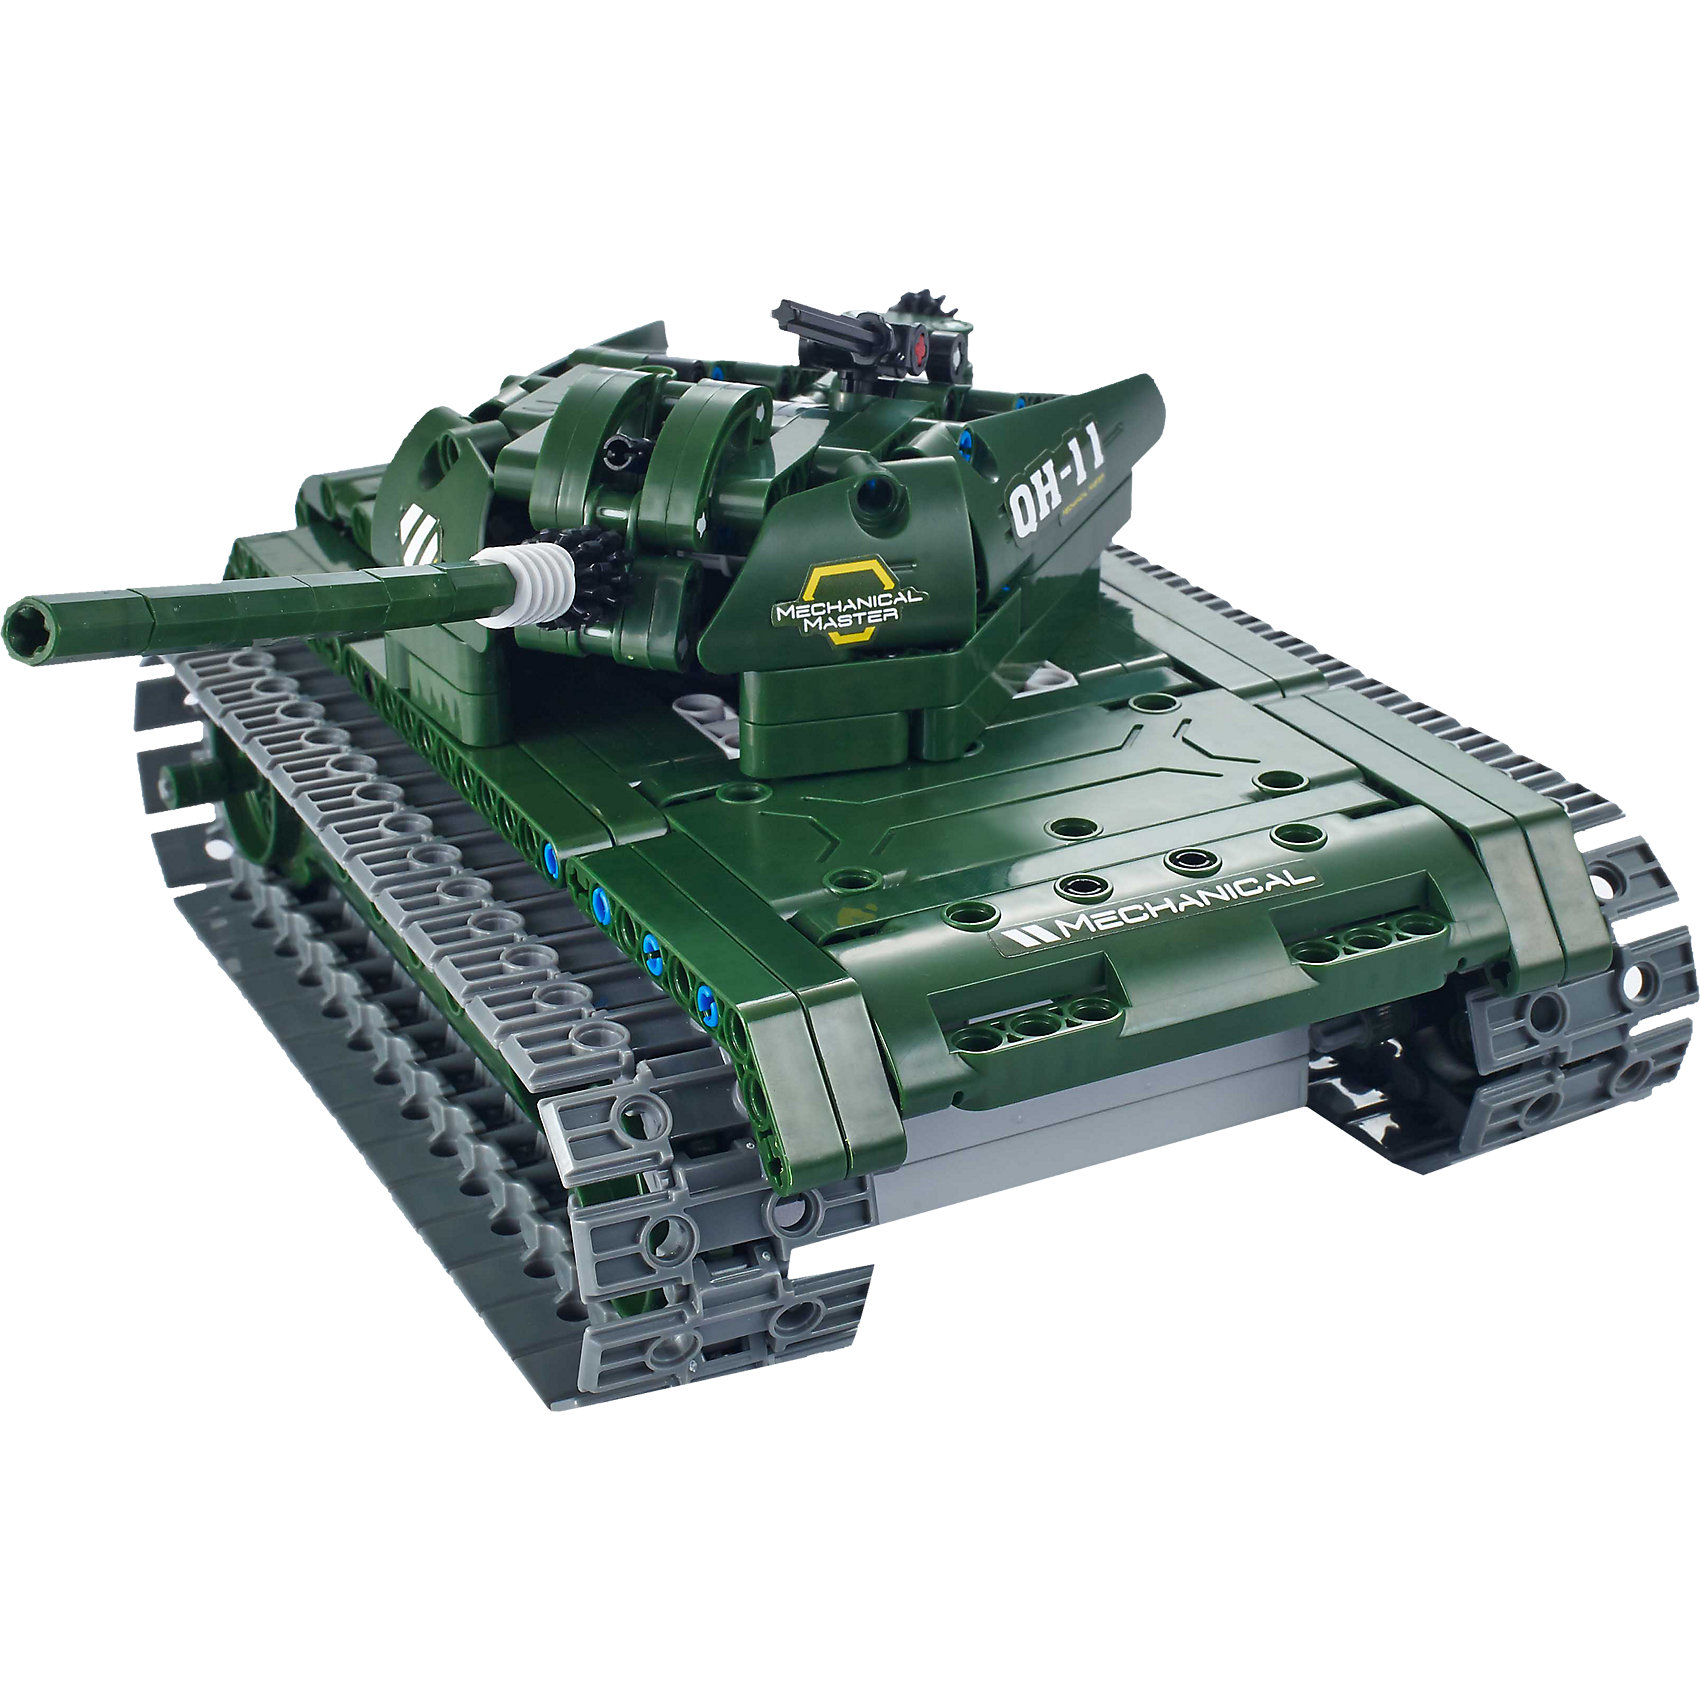 Конструктор электромеханический Tank, 453 детали, QiHuiКонструктор электромеханический Tank, 453 детали, QiHui<br><br>Характеристики:<br><br>• Возраст: от 7 лет<br>• Количество деталей: 453<br>• В комплекте: инструкция, детали для сборки, пульт управления и антенна, аккумулятор, зарядное устройство<br>• Дальность действия: 20 метров<br>• Максимальная скорость: 11 км/ч<br><br>Этот конструктор рекомендуется для игр детей от 7 лет. В процессе работы с ним ребенок может не только увлечься и провести долгое время за изучением набора, но и развивать свое пространственное мышление, мелкую моторику и, конечно, воображение. Этот набор позволяет ребенку собрать себе настоящий радиоуправляемый танк! <br><br>В комплект входит конструктор для сборки танка, пульт радиоуправления и аккумулятор. Дальность действия пульта составляет 20 метров. Готовый танк может ездить вперед-назад и поворачивать влево-вправо. Его максимальная скорость – 11 км/ч. <br><br>Конструктор электромеханический Tank, 453 детали, QiHui можно купить в нашем интернет-магазине.<br><br>Ширина мм: 370<br>Глубина мм: 520<br>Высота мм: 65<br>Вес г: 1080<br>Возраст от месяцев: 36<br>Возраст до месяцев: 2147483647<br>Пол: Мужской<br>Возраст: Детский<br>SKU: 5430821